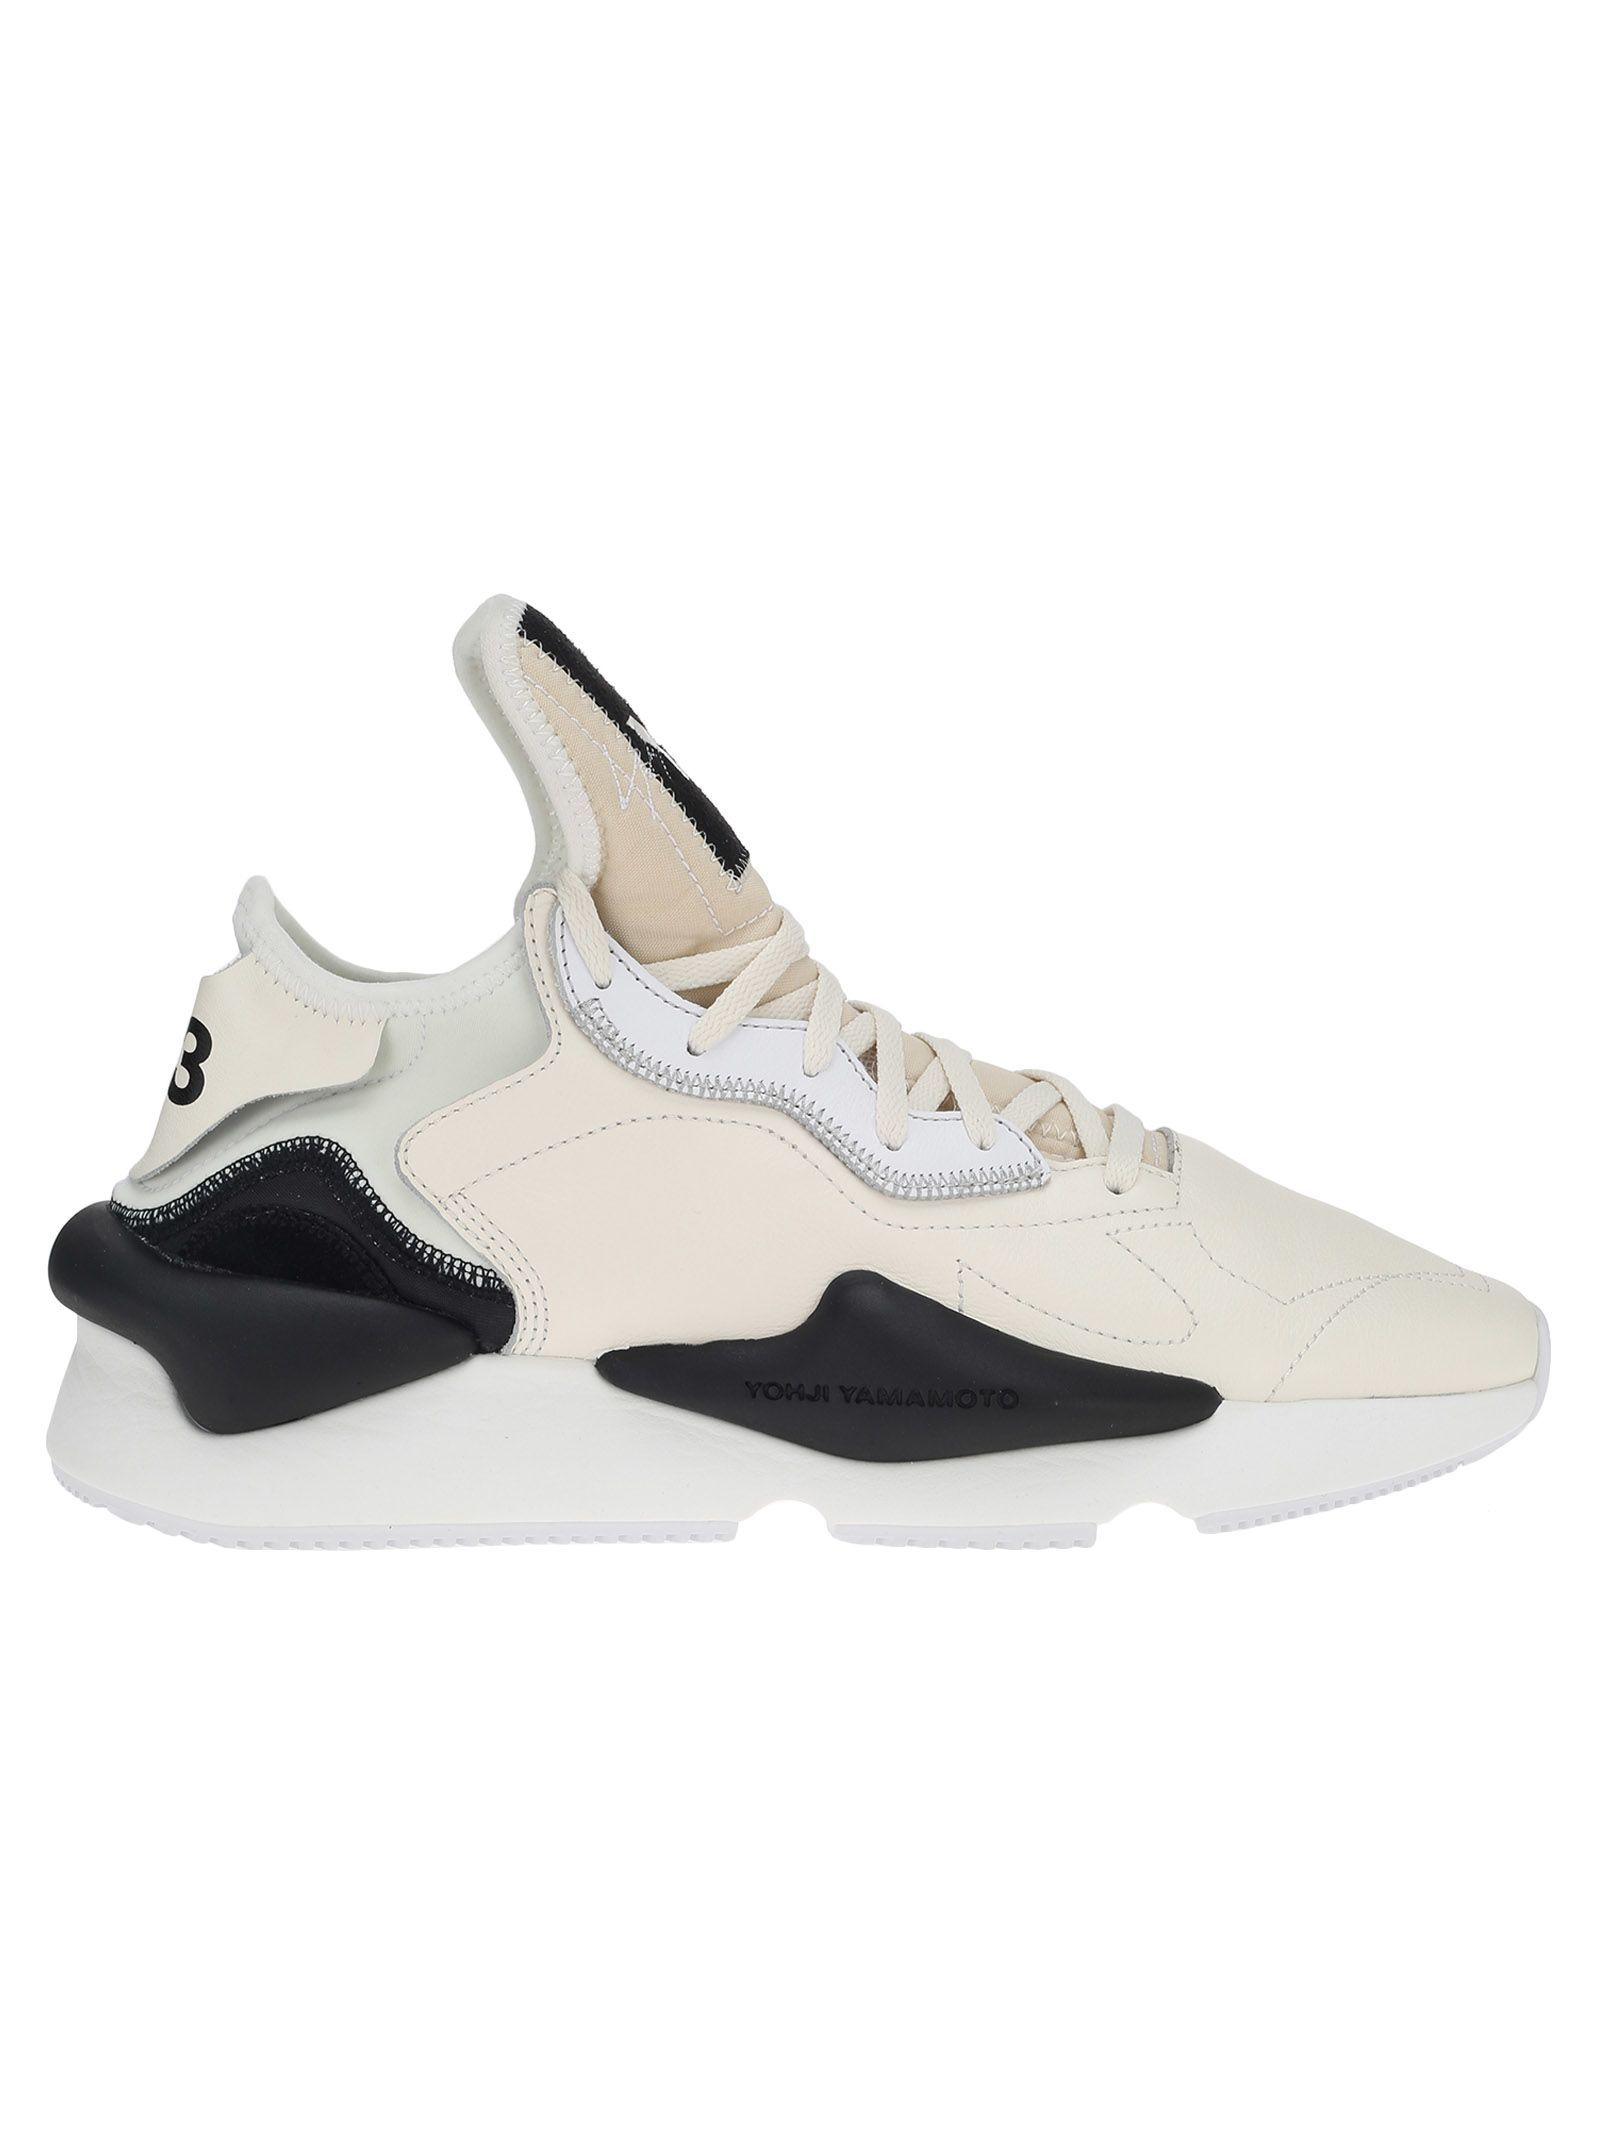 a33e37d28fa0 Y-3 ADIDAS Y3 KAIWA.  y-3  shoes